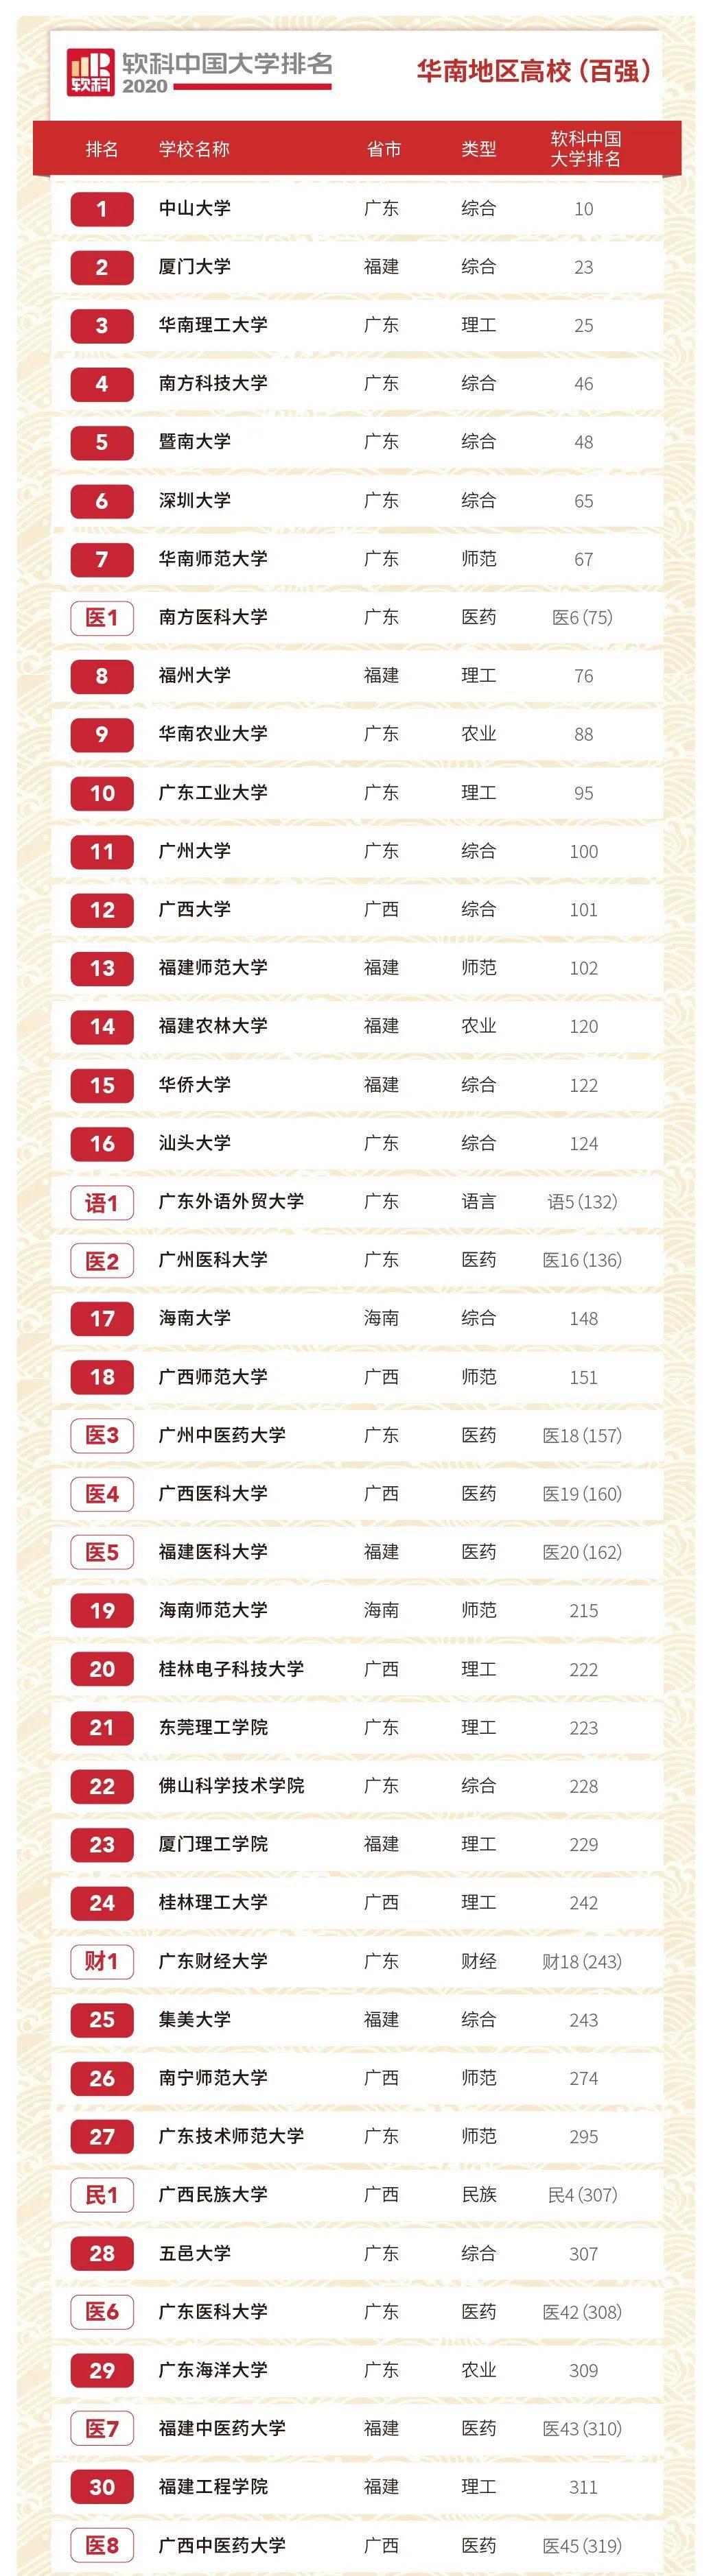 2020软科中国大学排名:长三角及华南地区高校排名